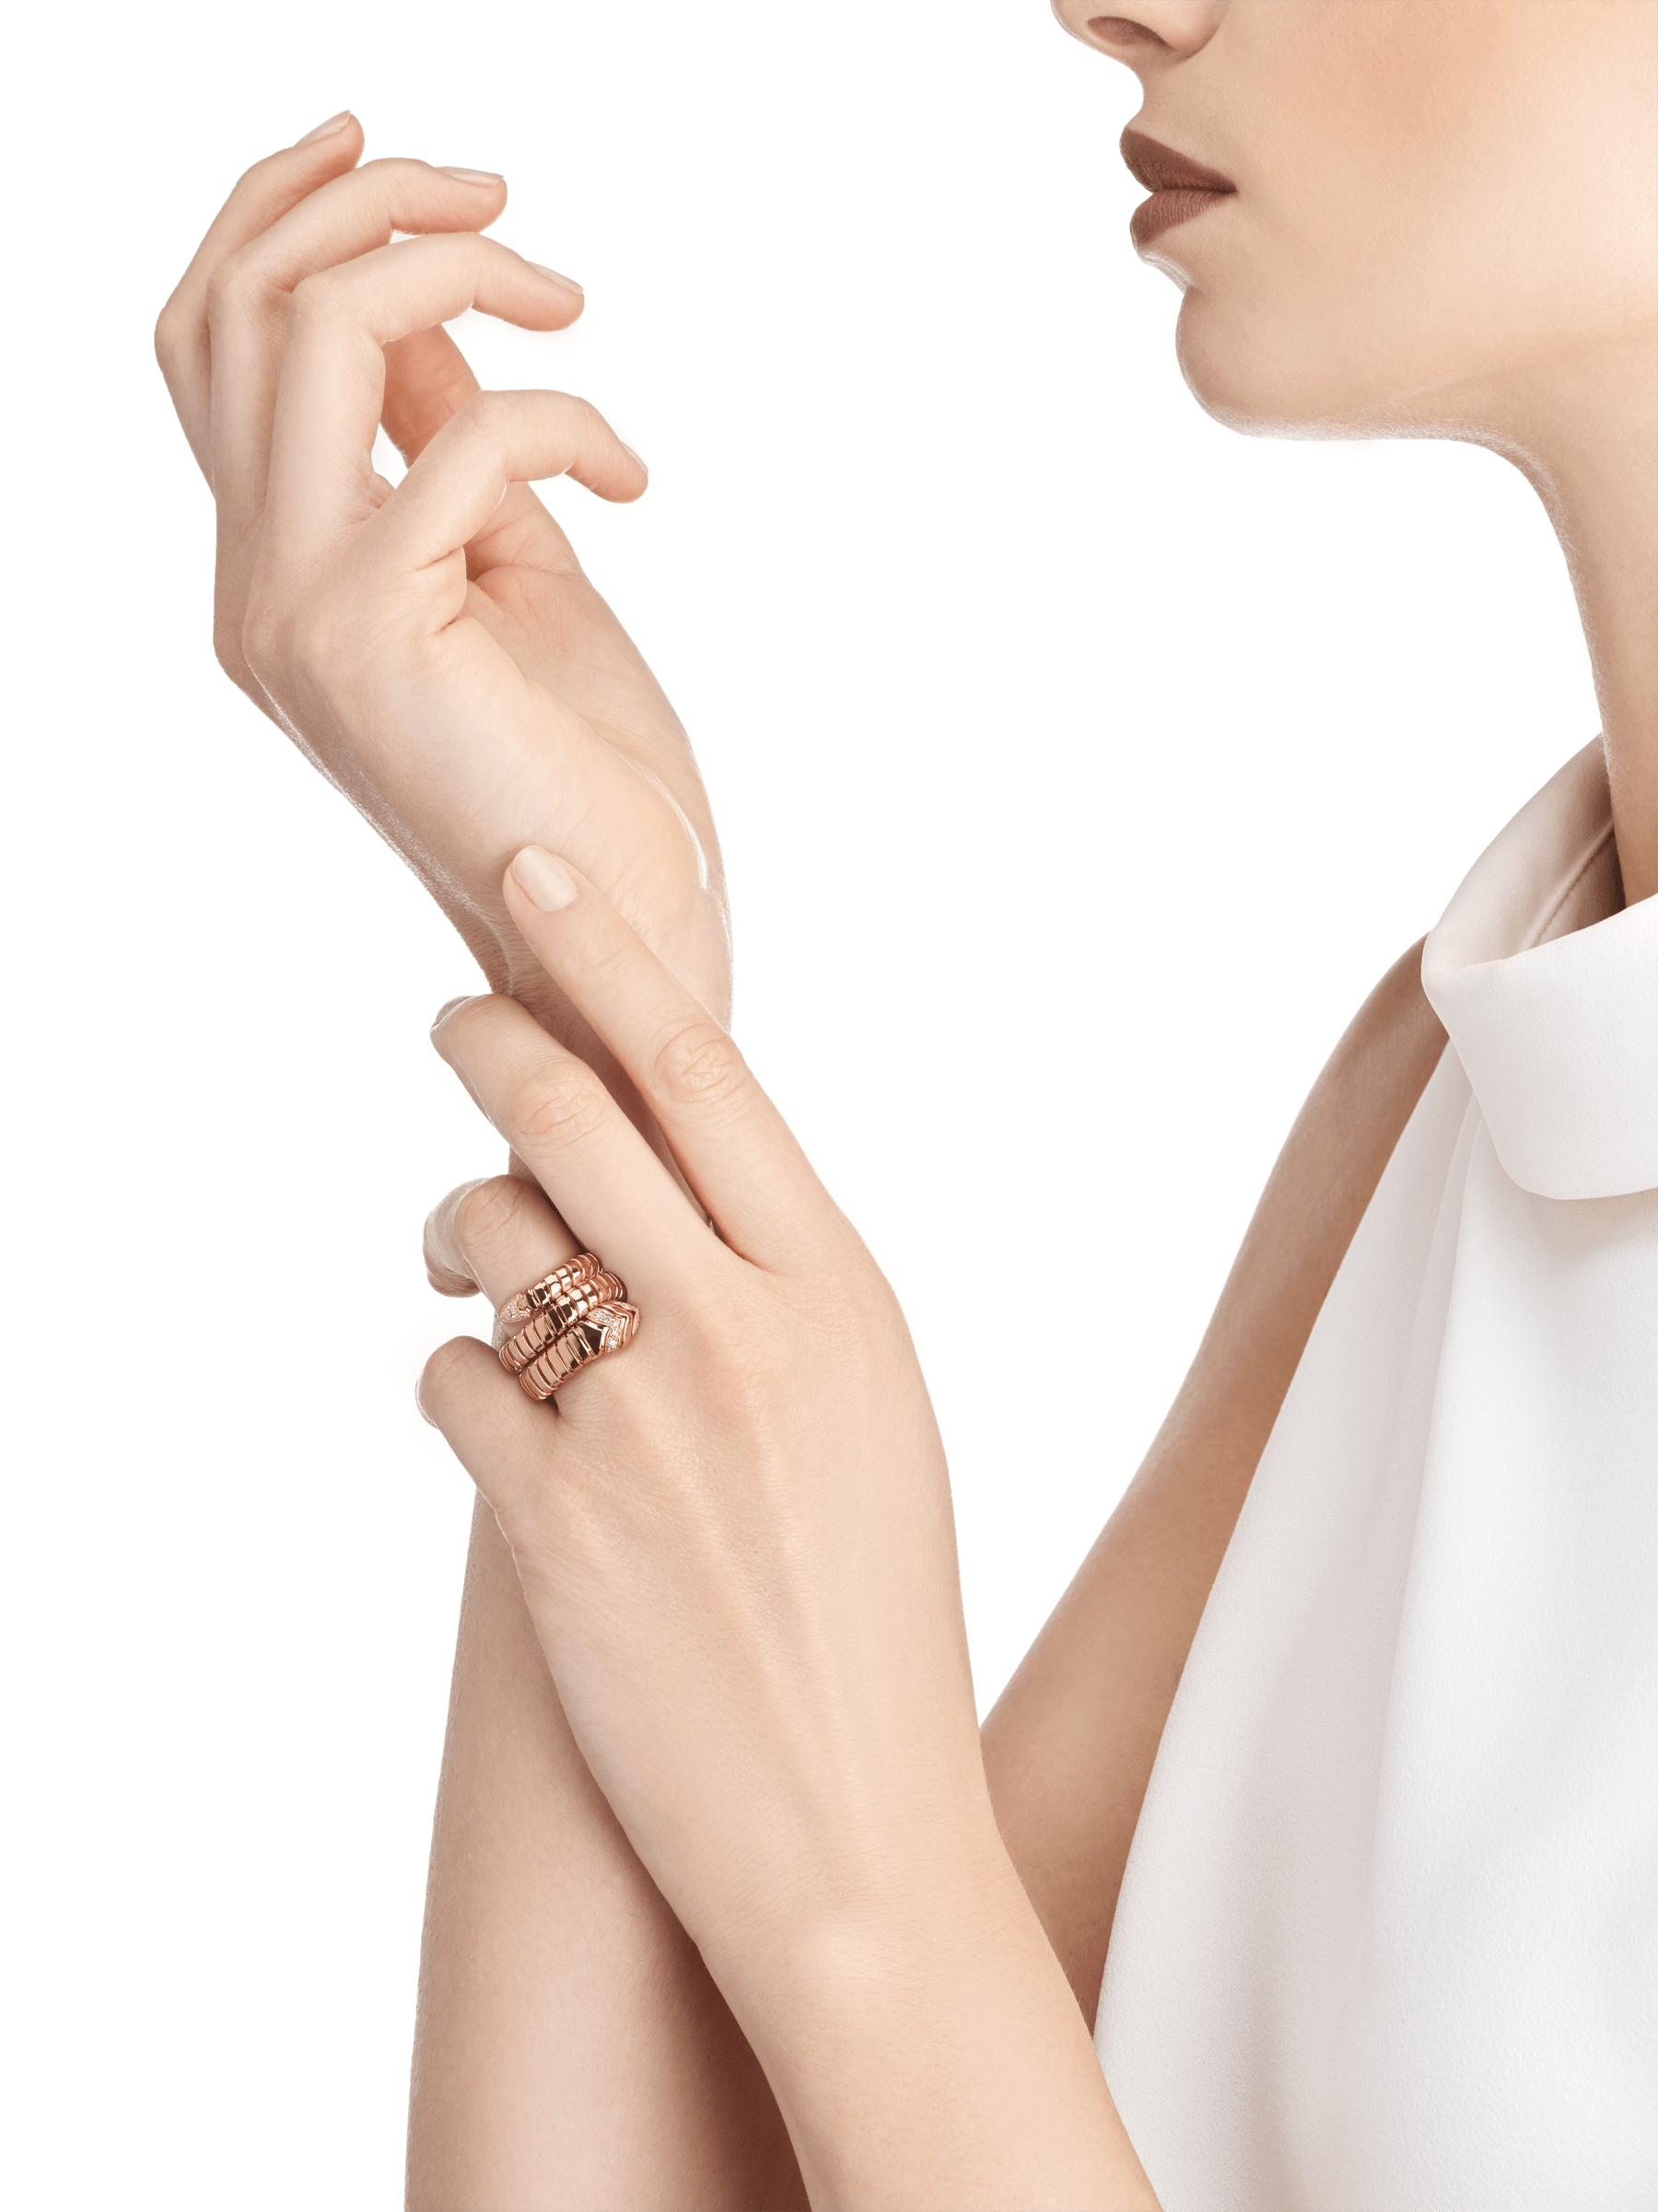 Associant le motif du serpent à la technique Tubogas pour créer une nouvelle forme de séduction, la bague Serpenti s'enroule autour du doigt avec la féminité de l'or rose et le glamour éclatant du pavé diamants. AN856571 image 3